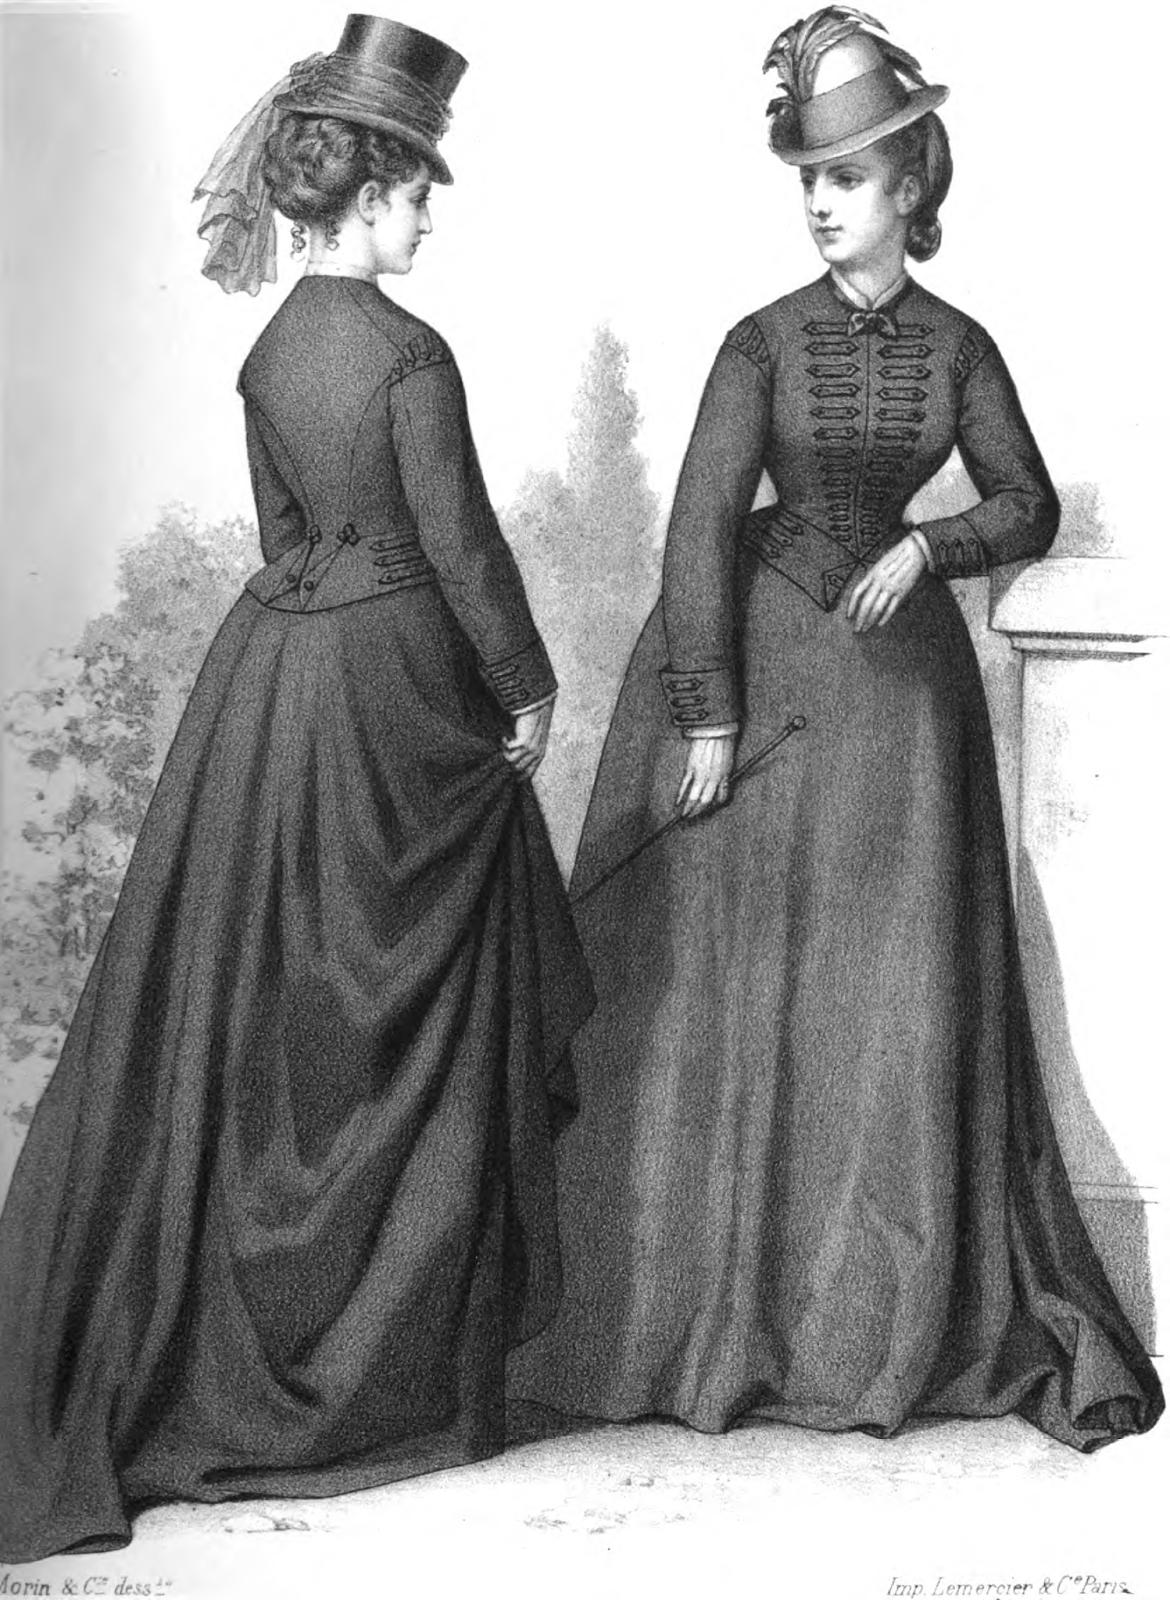 Womens Fashion Clothing: 19th Century Historical Tidbits: 1873 Fashions